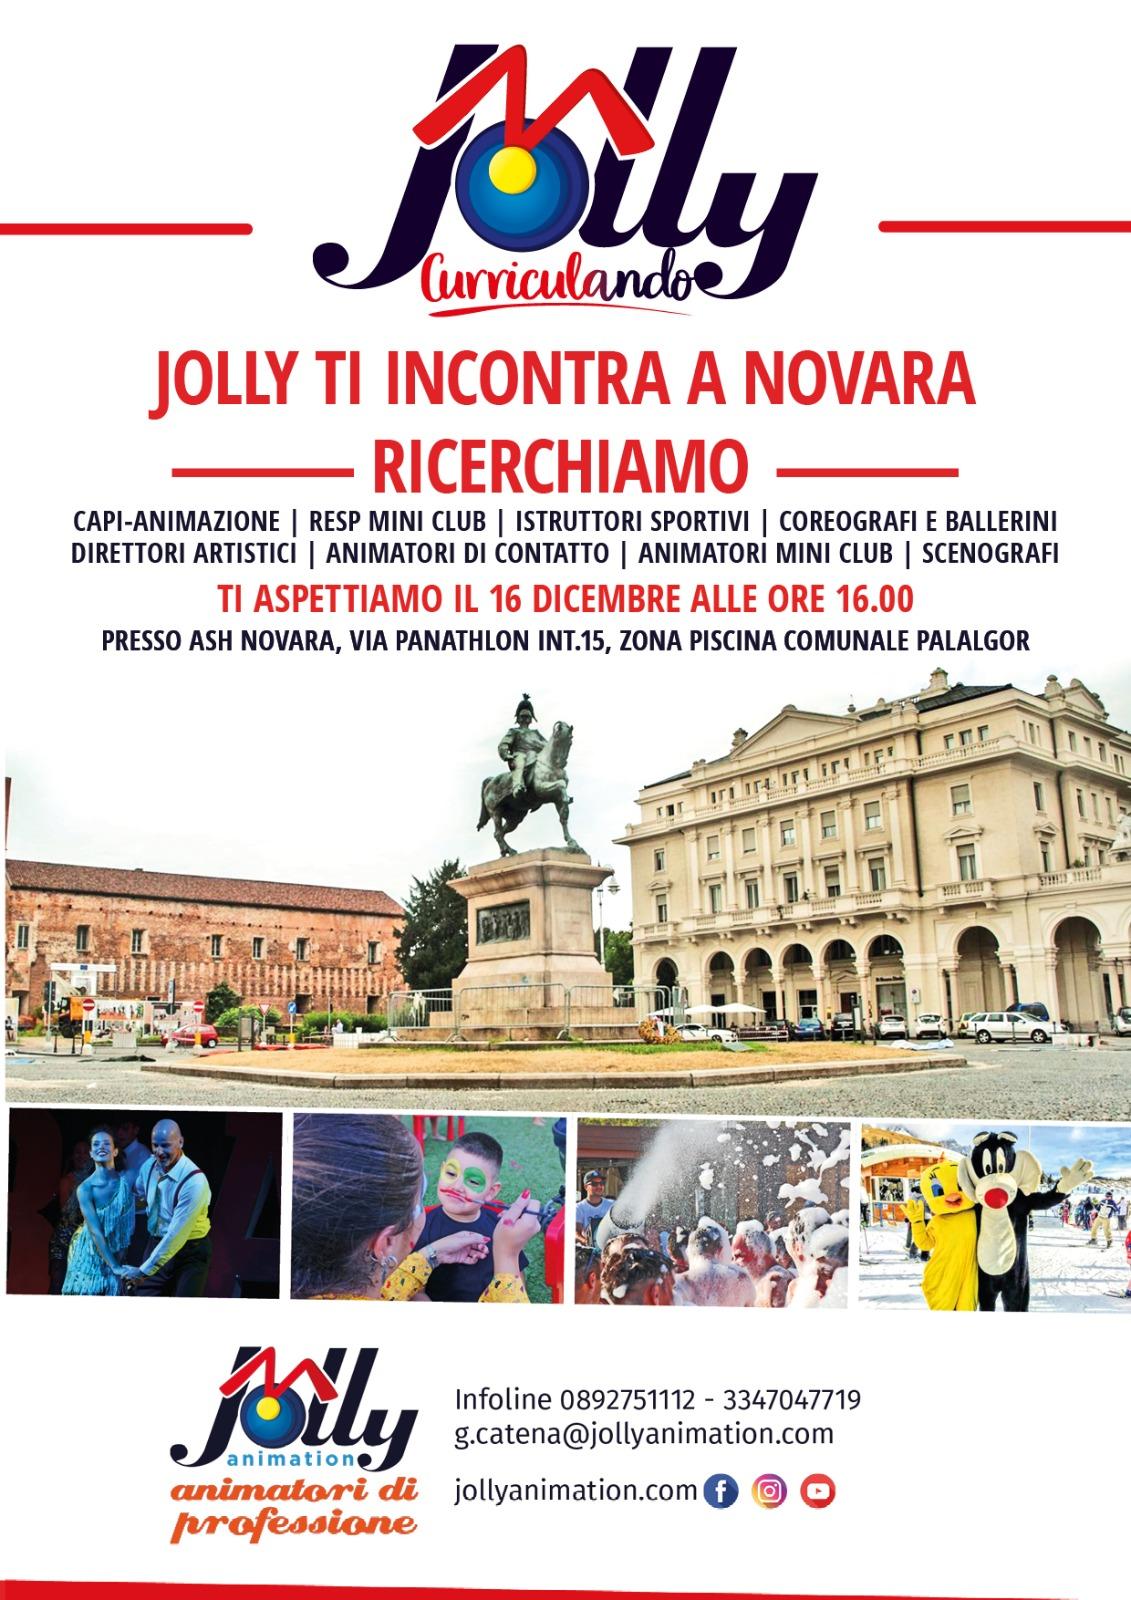 Jolly in Tour, vi aspettiamo lunedì 16 dicembre a Novara